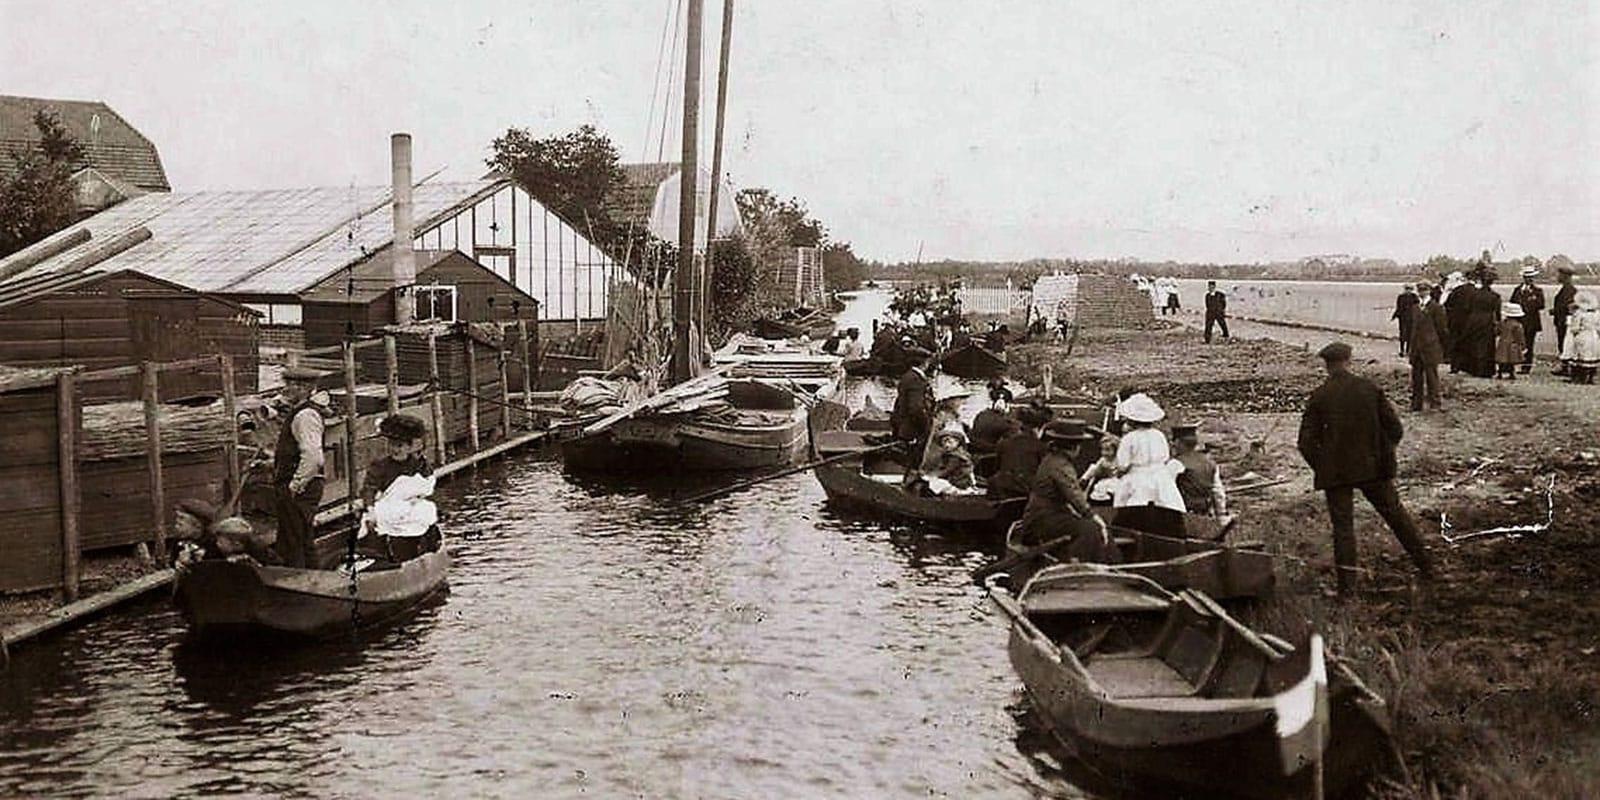 Schoon Schip - Aalsmeerse vaartuigen